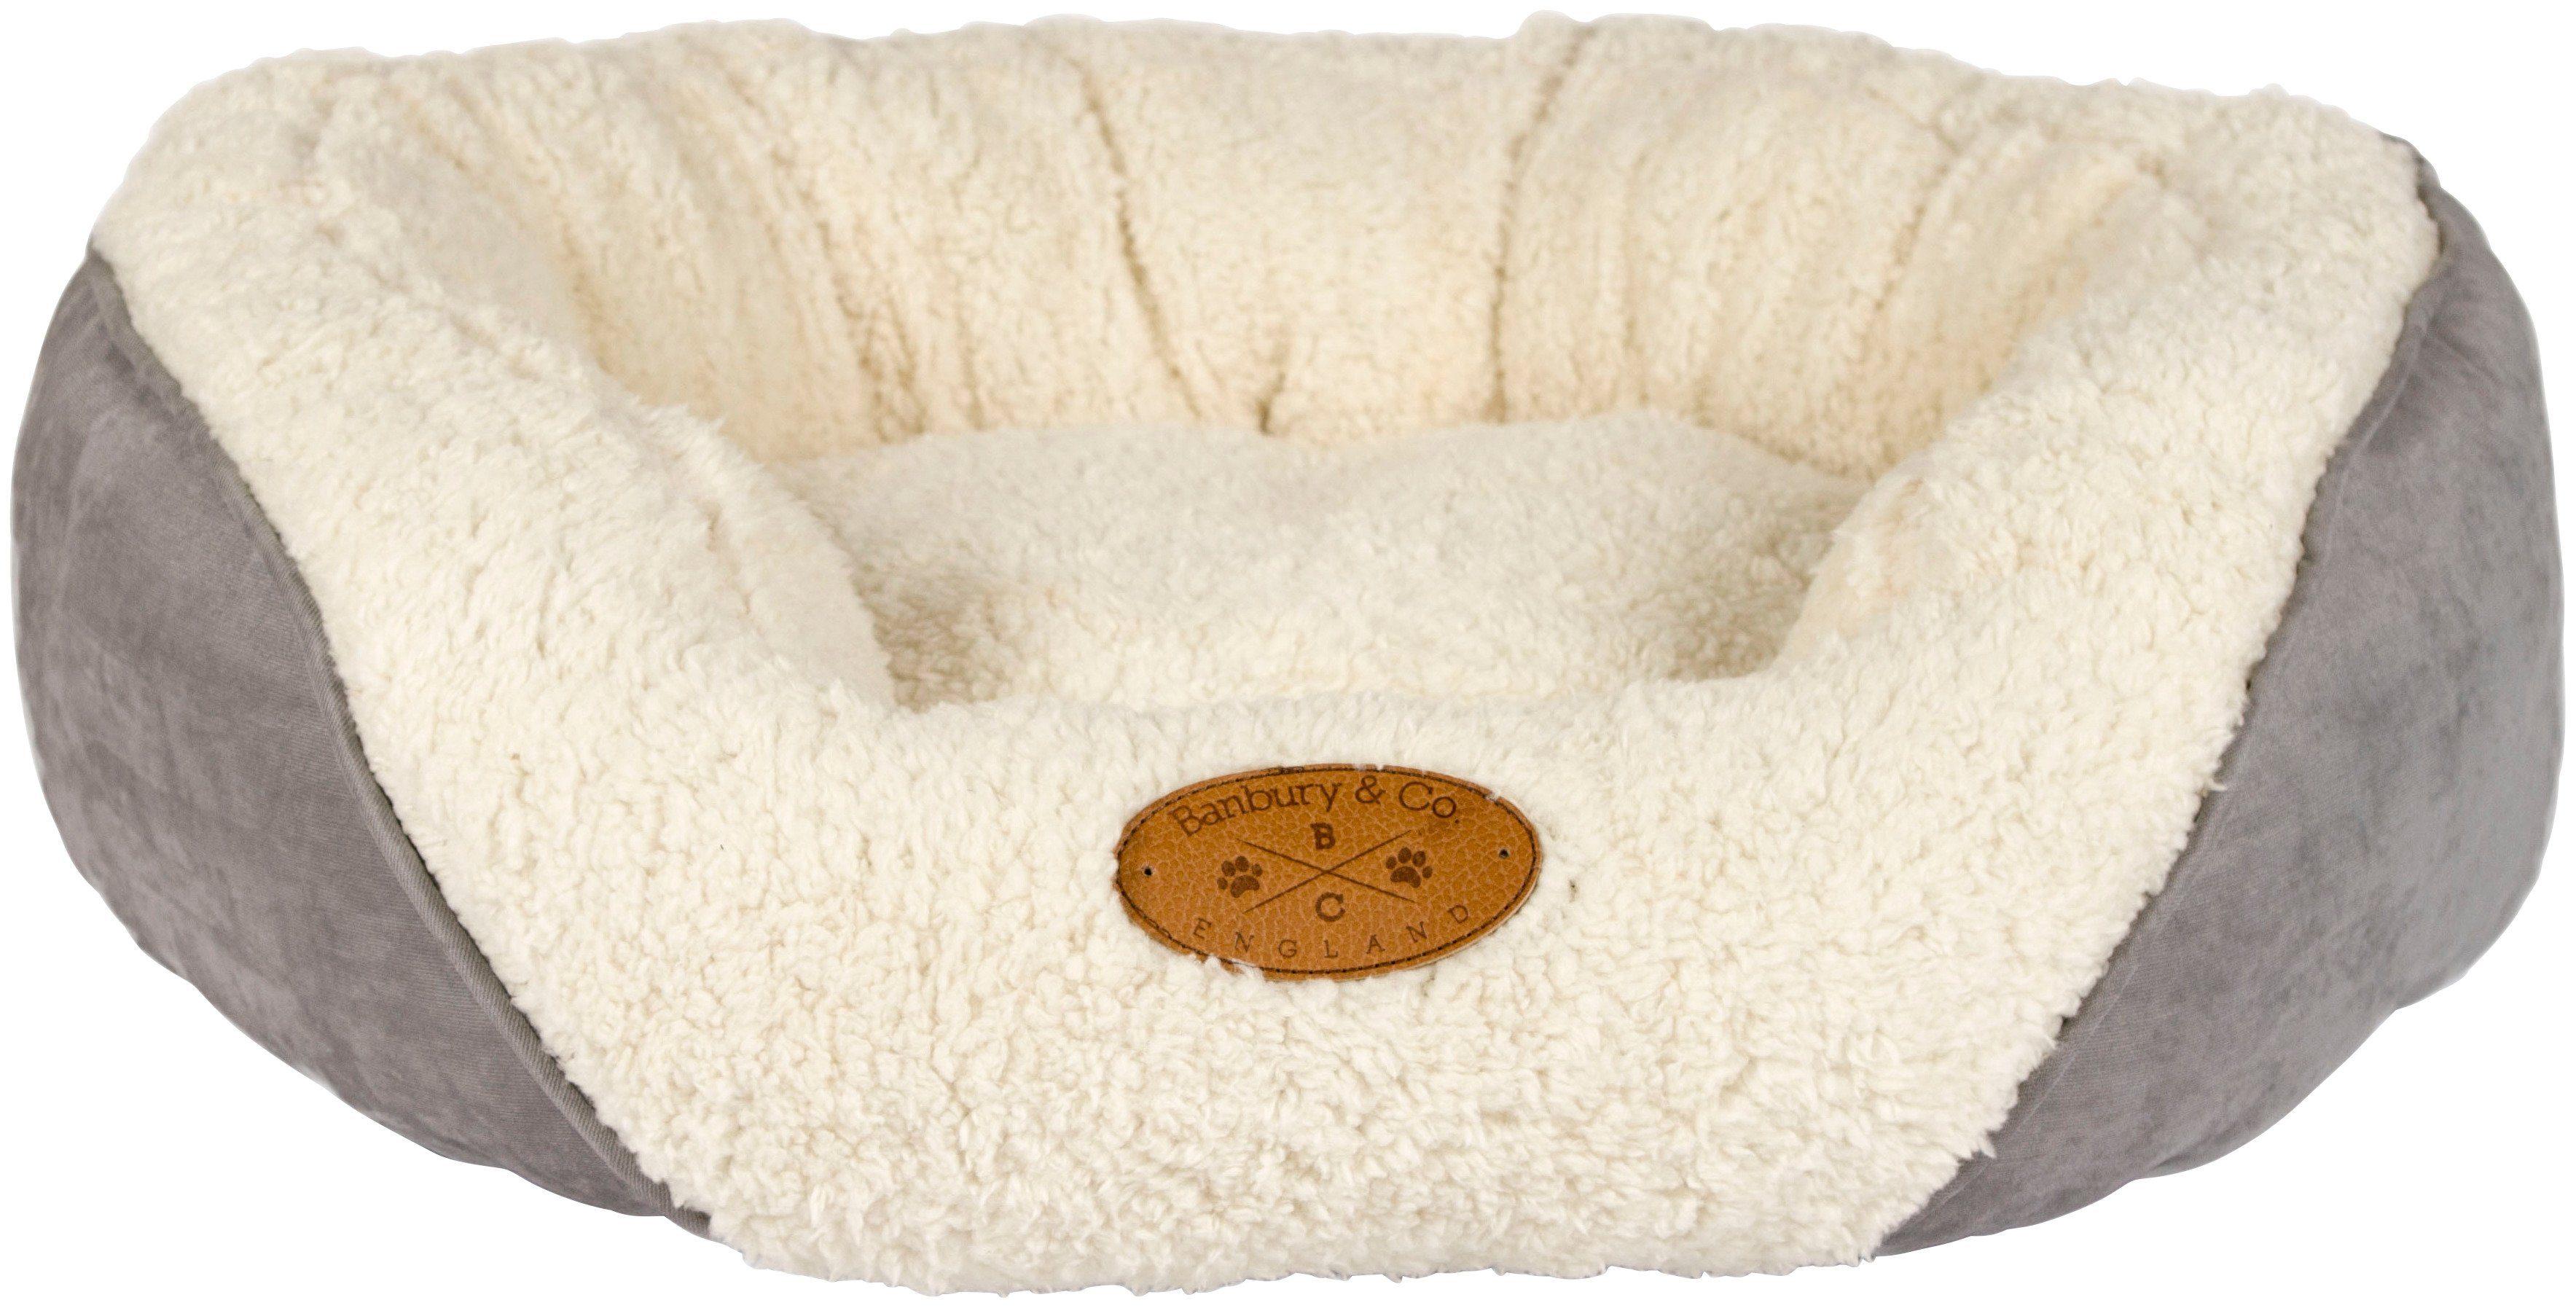 Hunde-Bett »Banbury Gr. S«